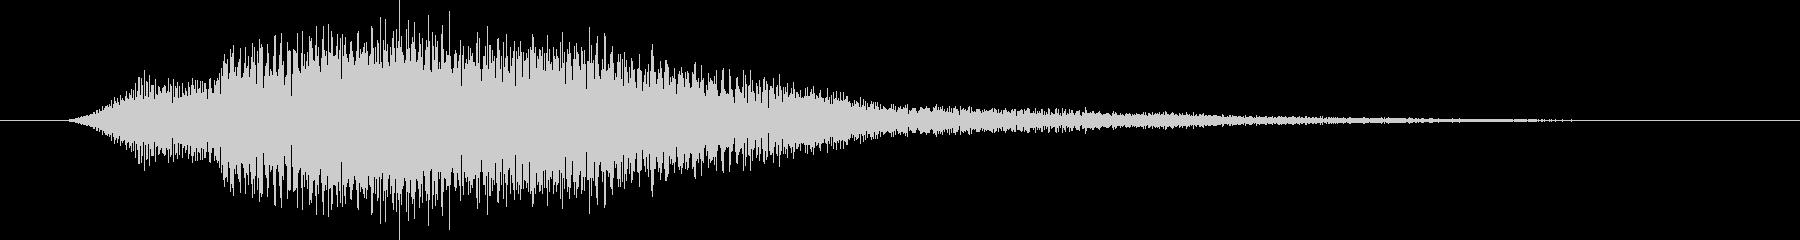 決定音(主張しすぎない音)の未再生の波形